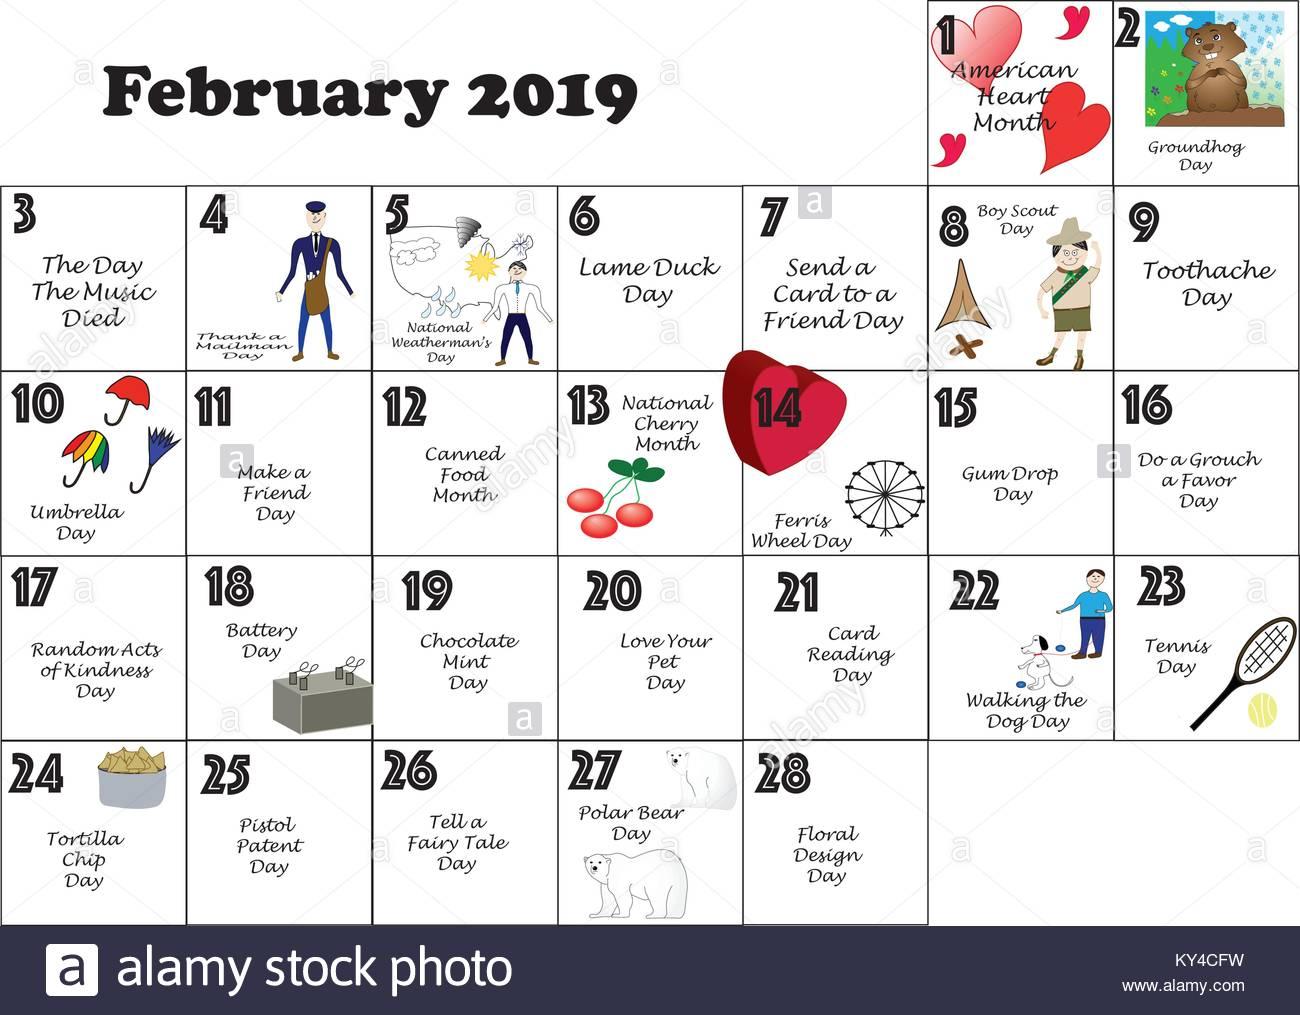 Febrero 2019 Calendario.Febrero 2019 Calendario Ilustrado Y Anotado Con El Diario